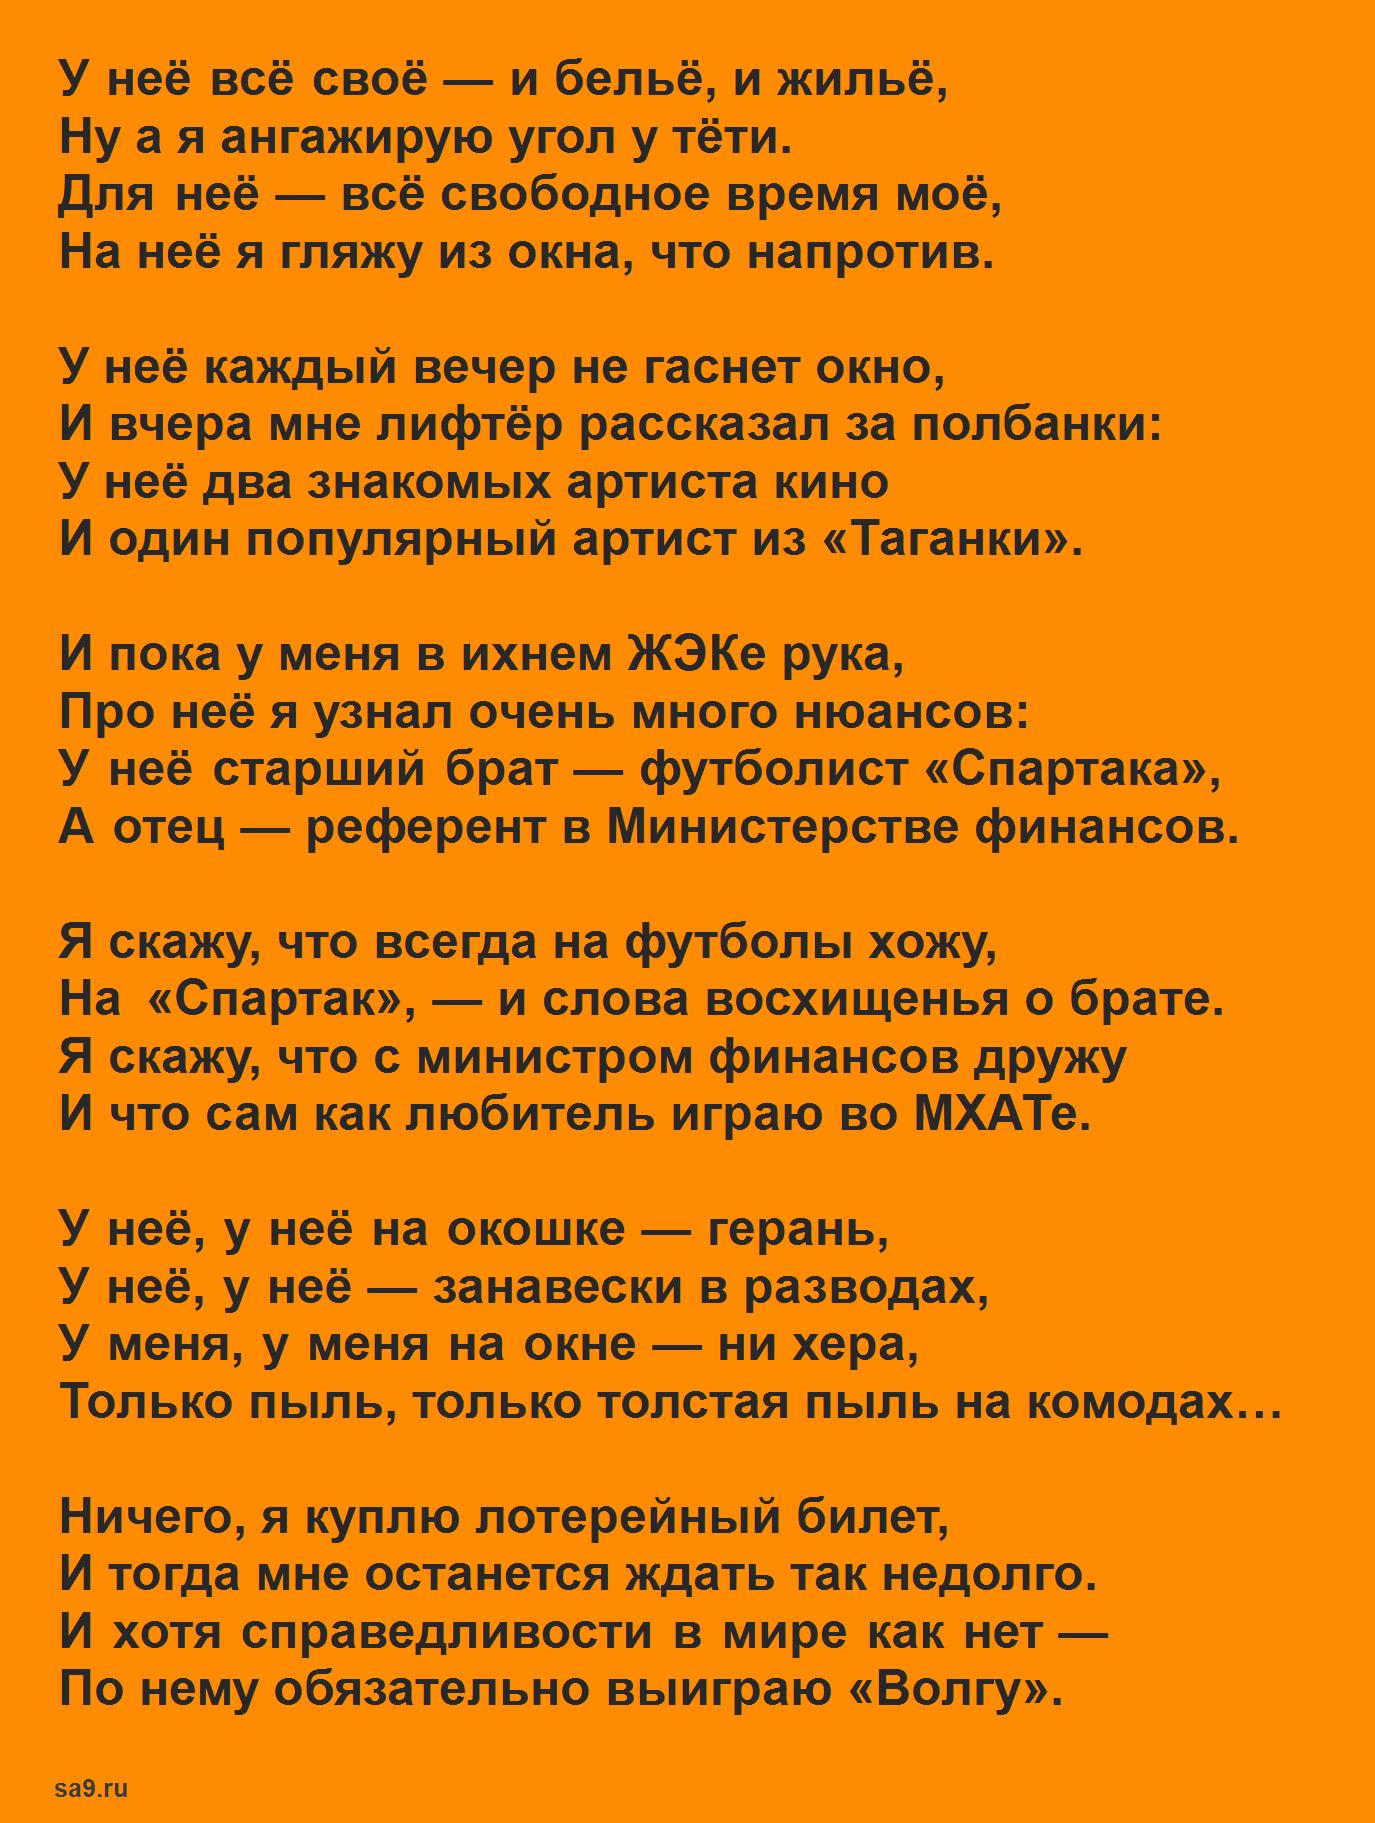 Высоцкий любимые стихи - У нее все свое, о любви